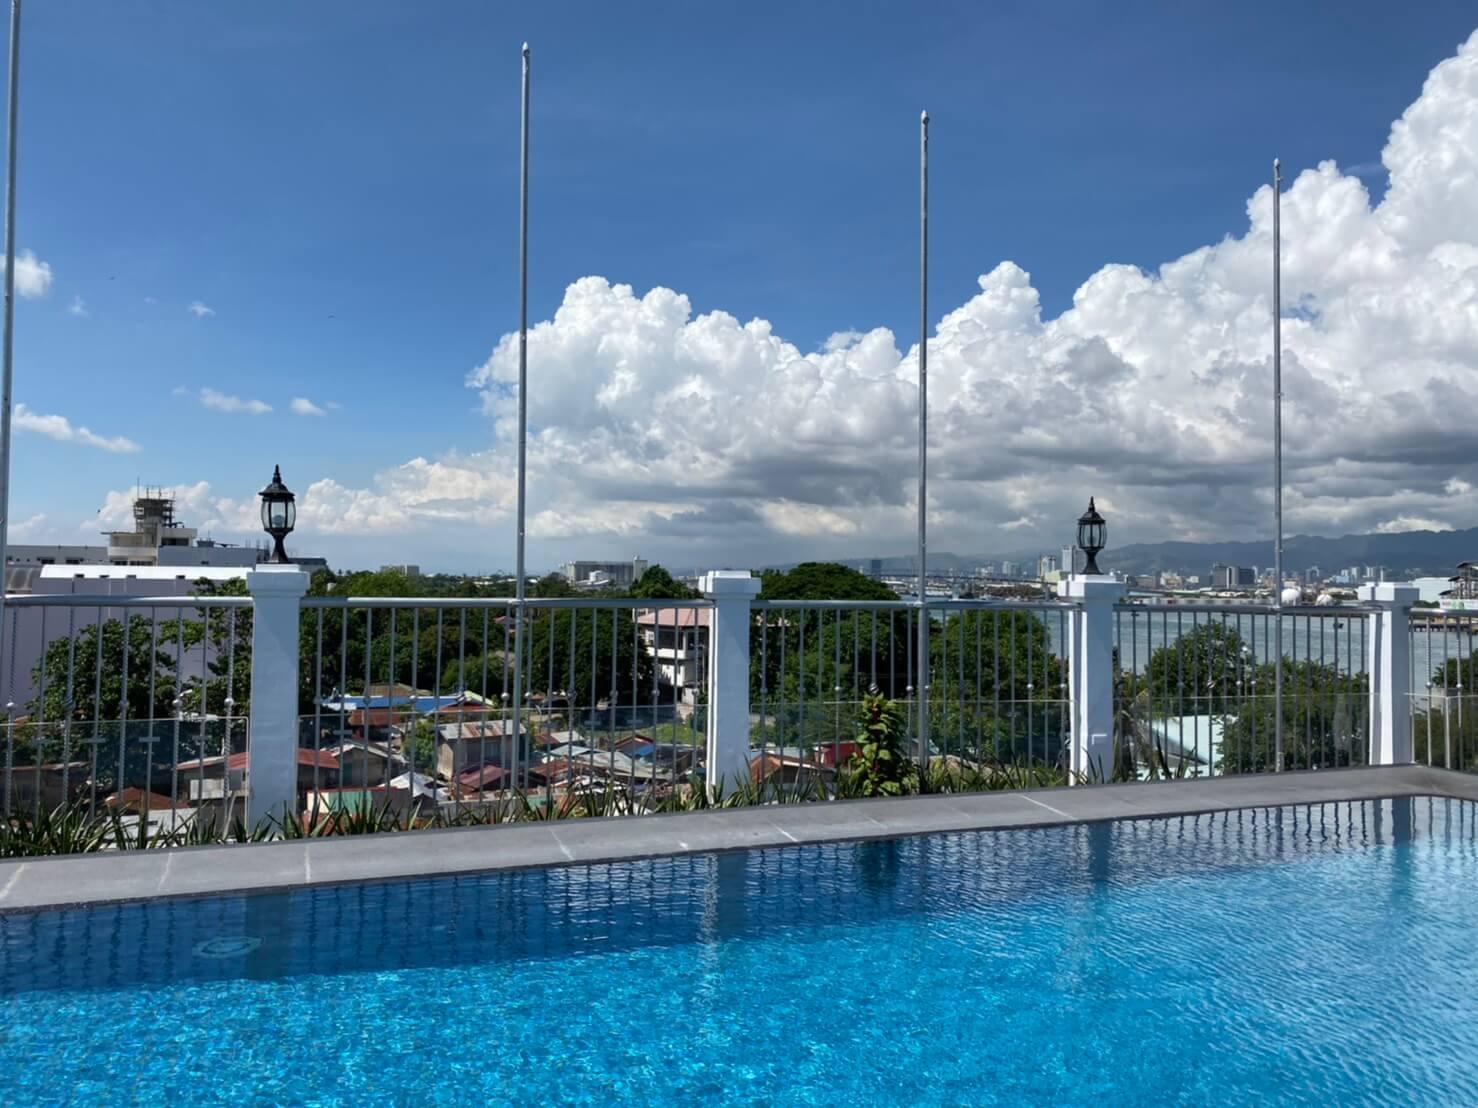 マクタン島のホテル「ベラビスタ」の屋上のプール写真